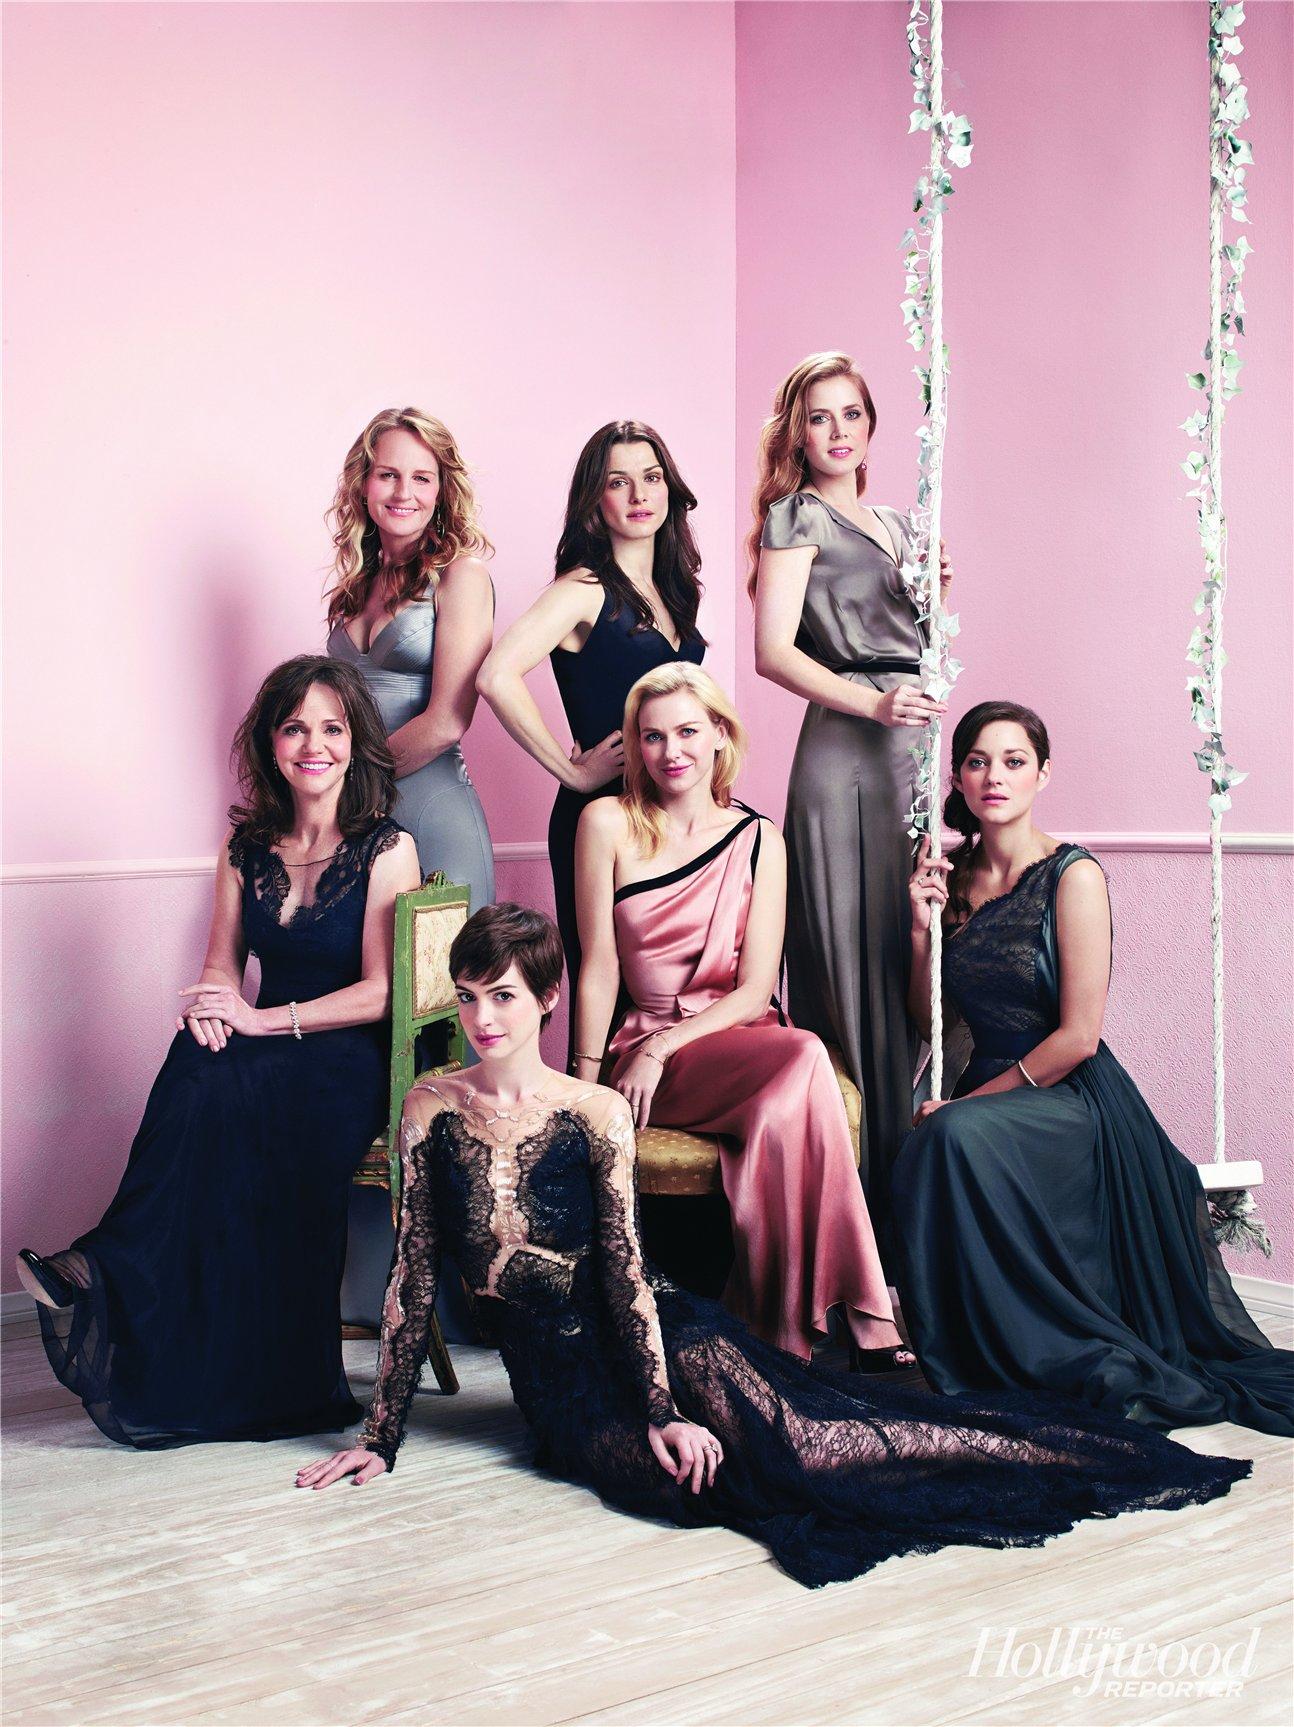 Круглый стол - претендентки на Оскар в журнале The Hollywood Reporter, ноябрь 2012